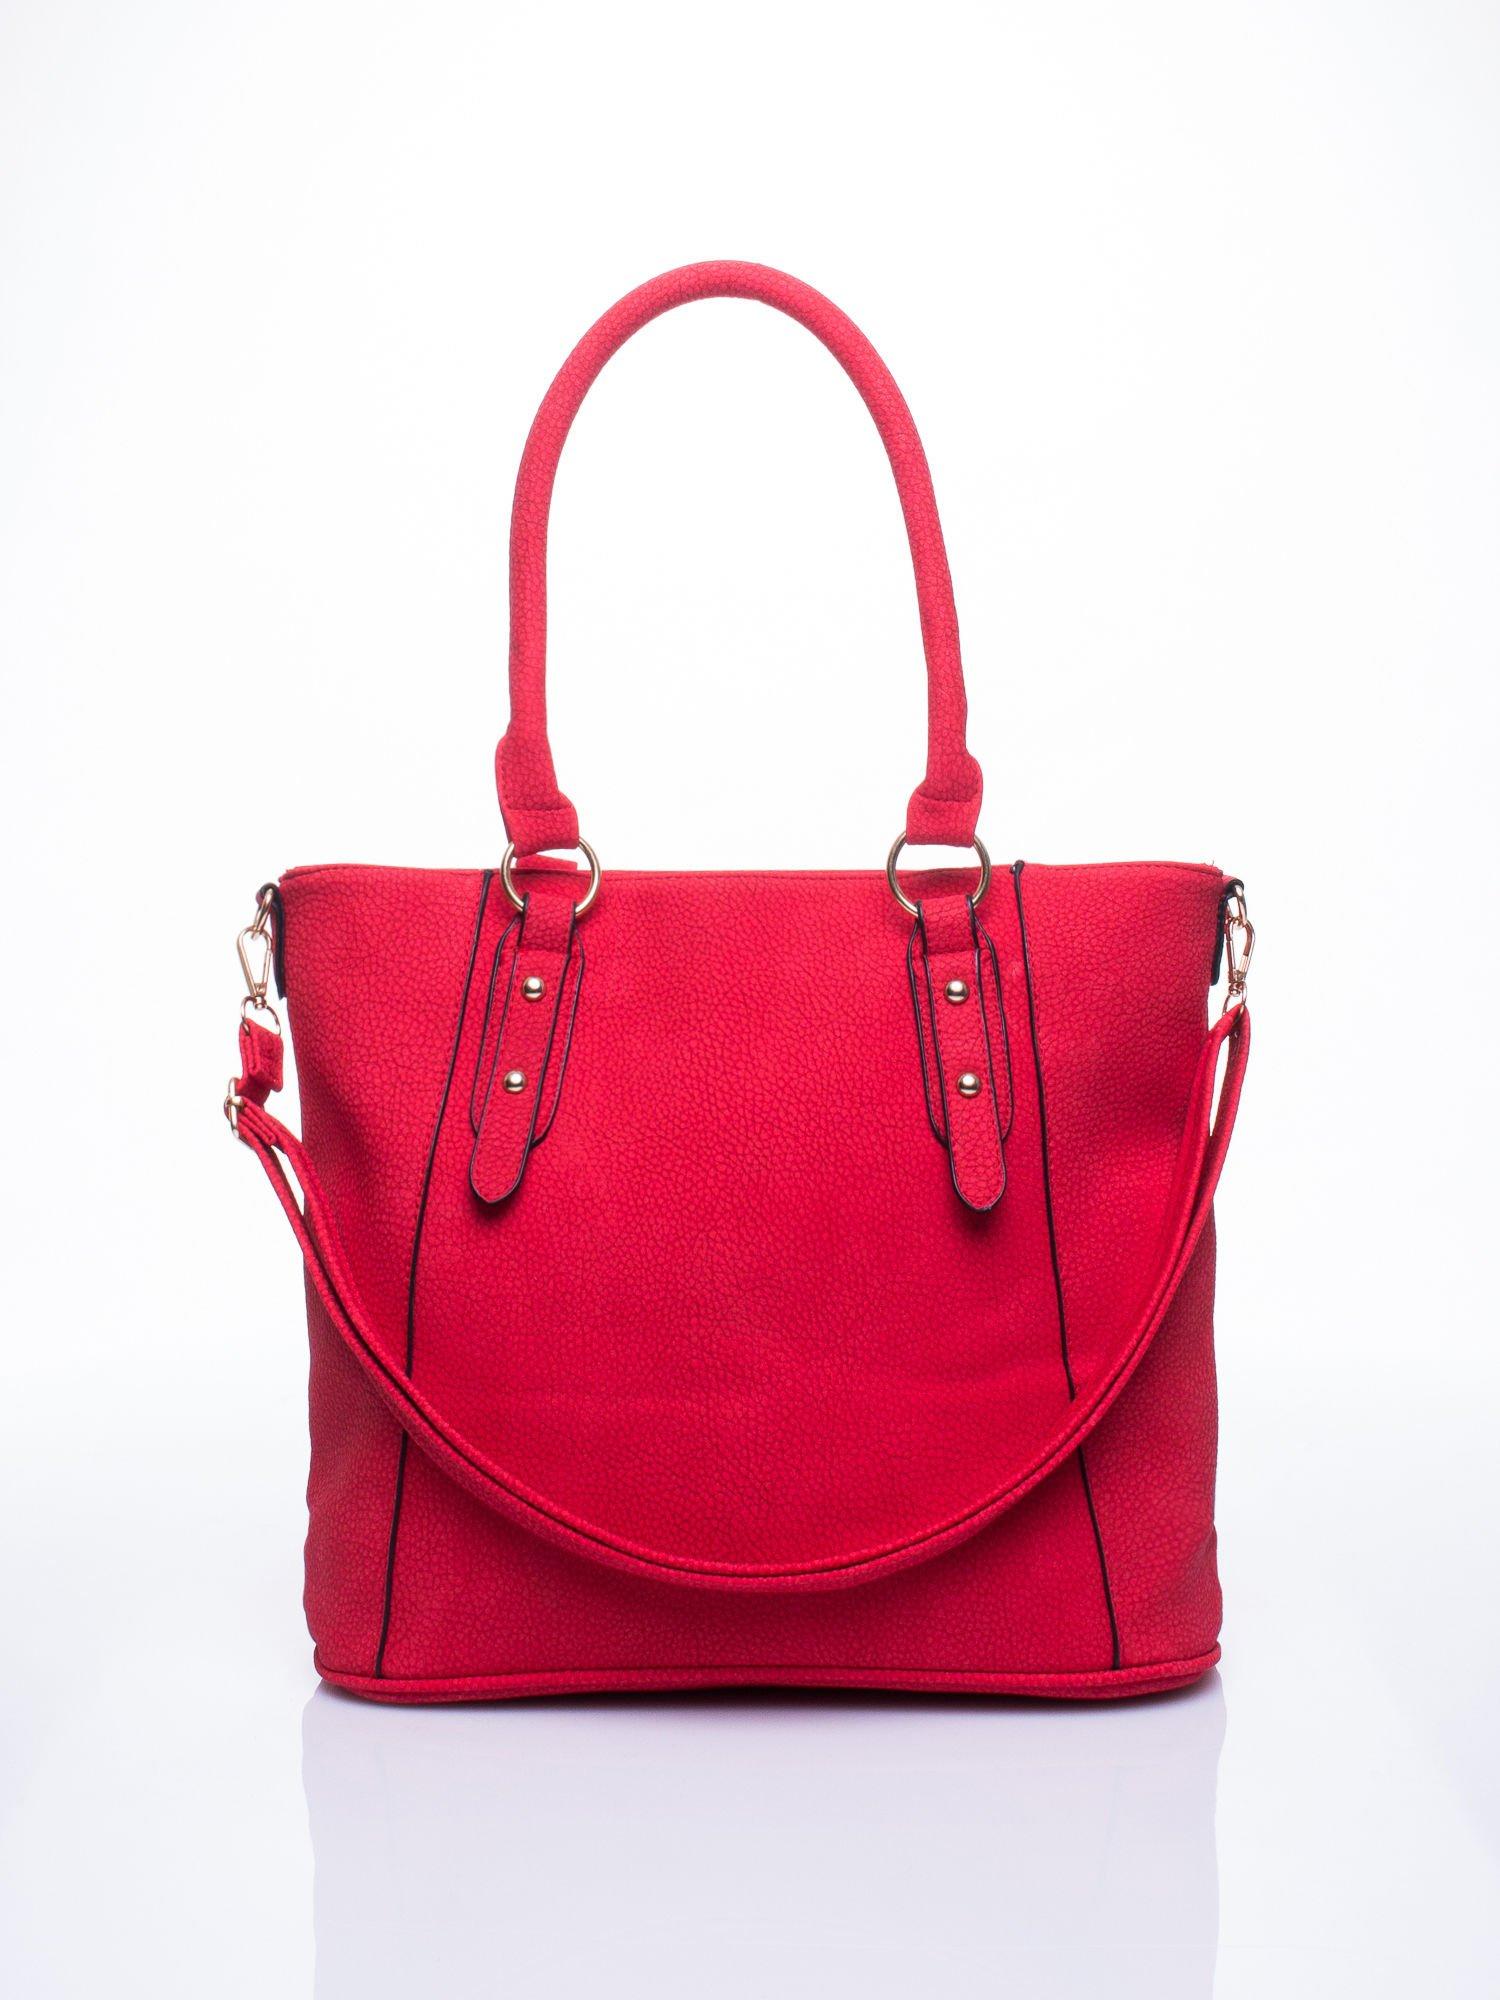 Czerwona miejska torba z ozdobnymi klamrami                                  zdj.                                  1